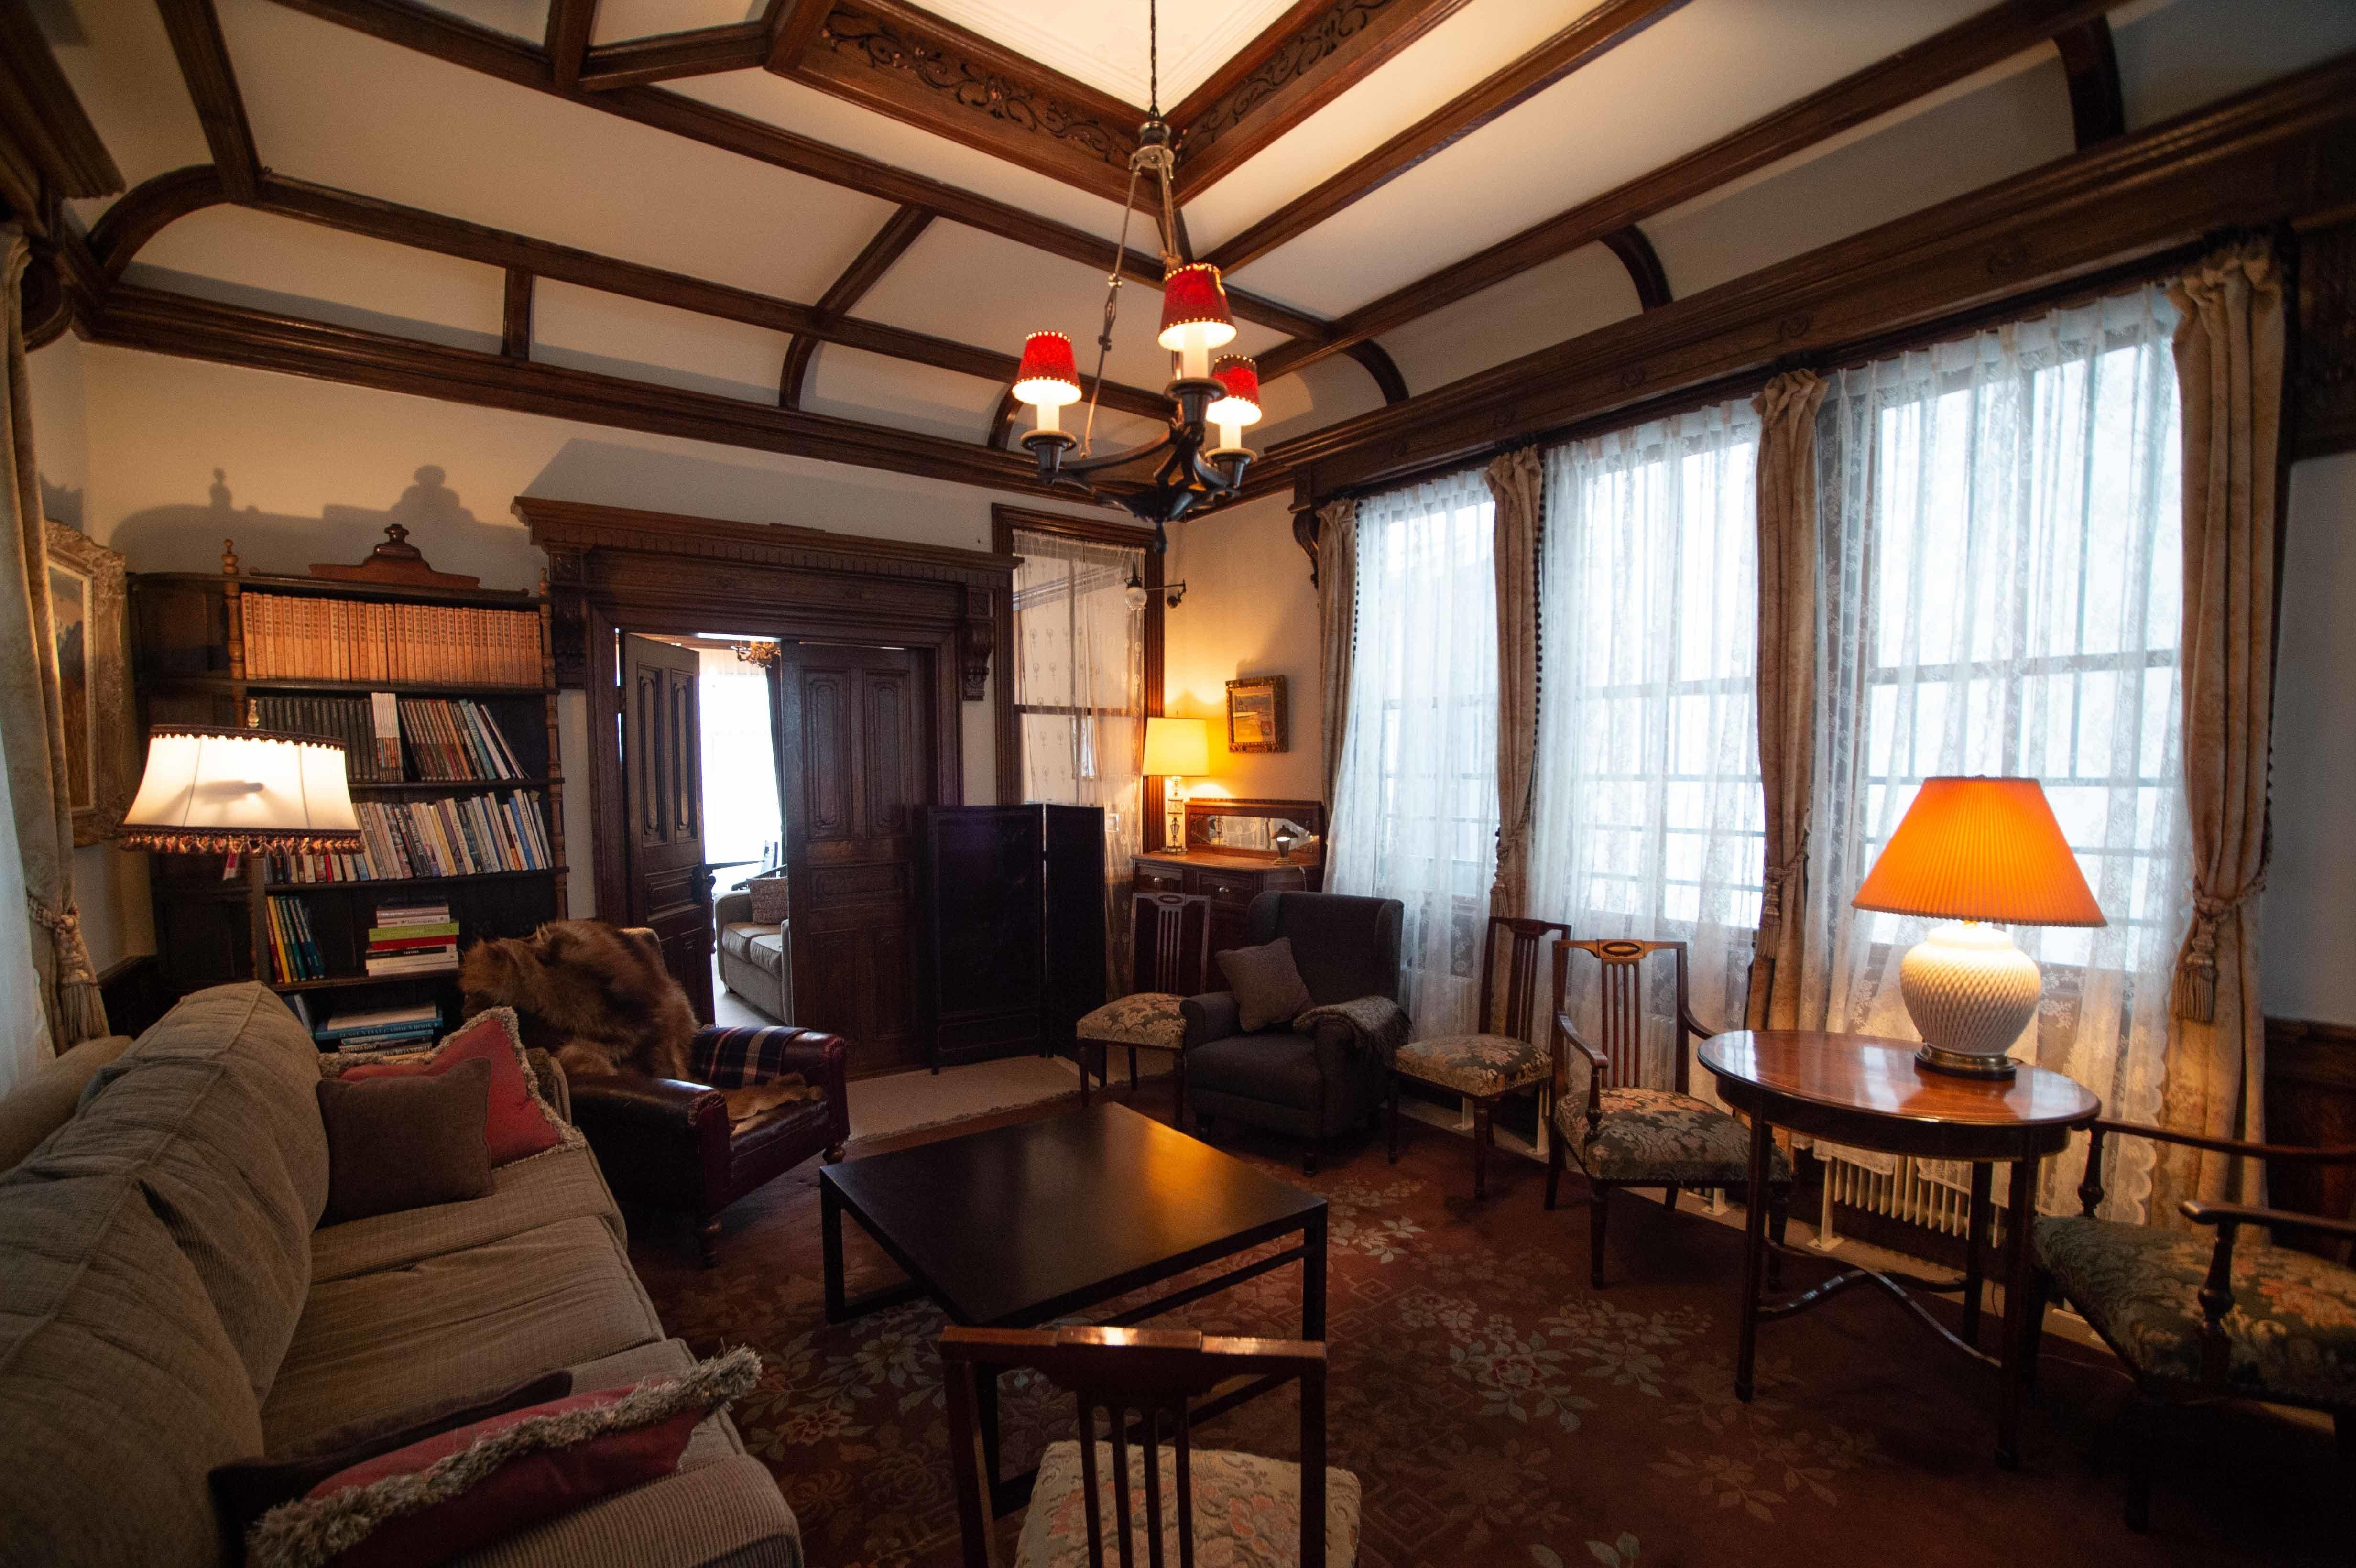 味わい深い西洋家具に囲まれて過ごす